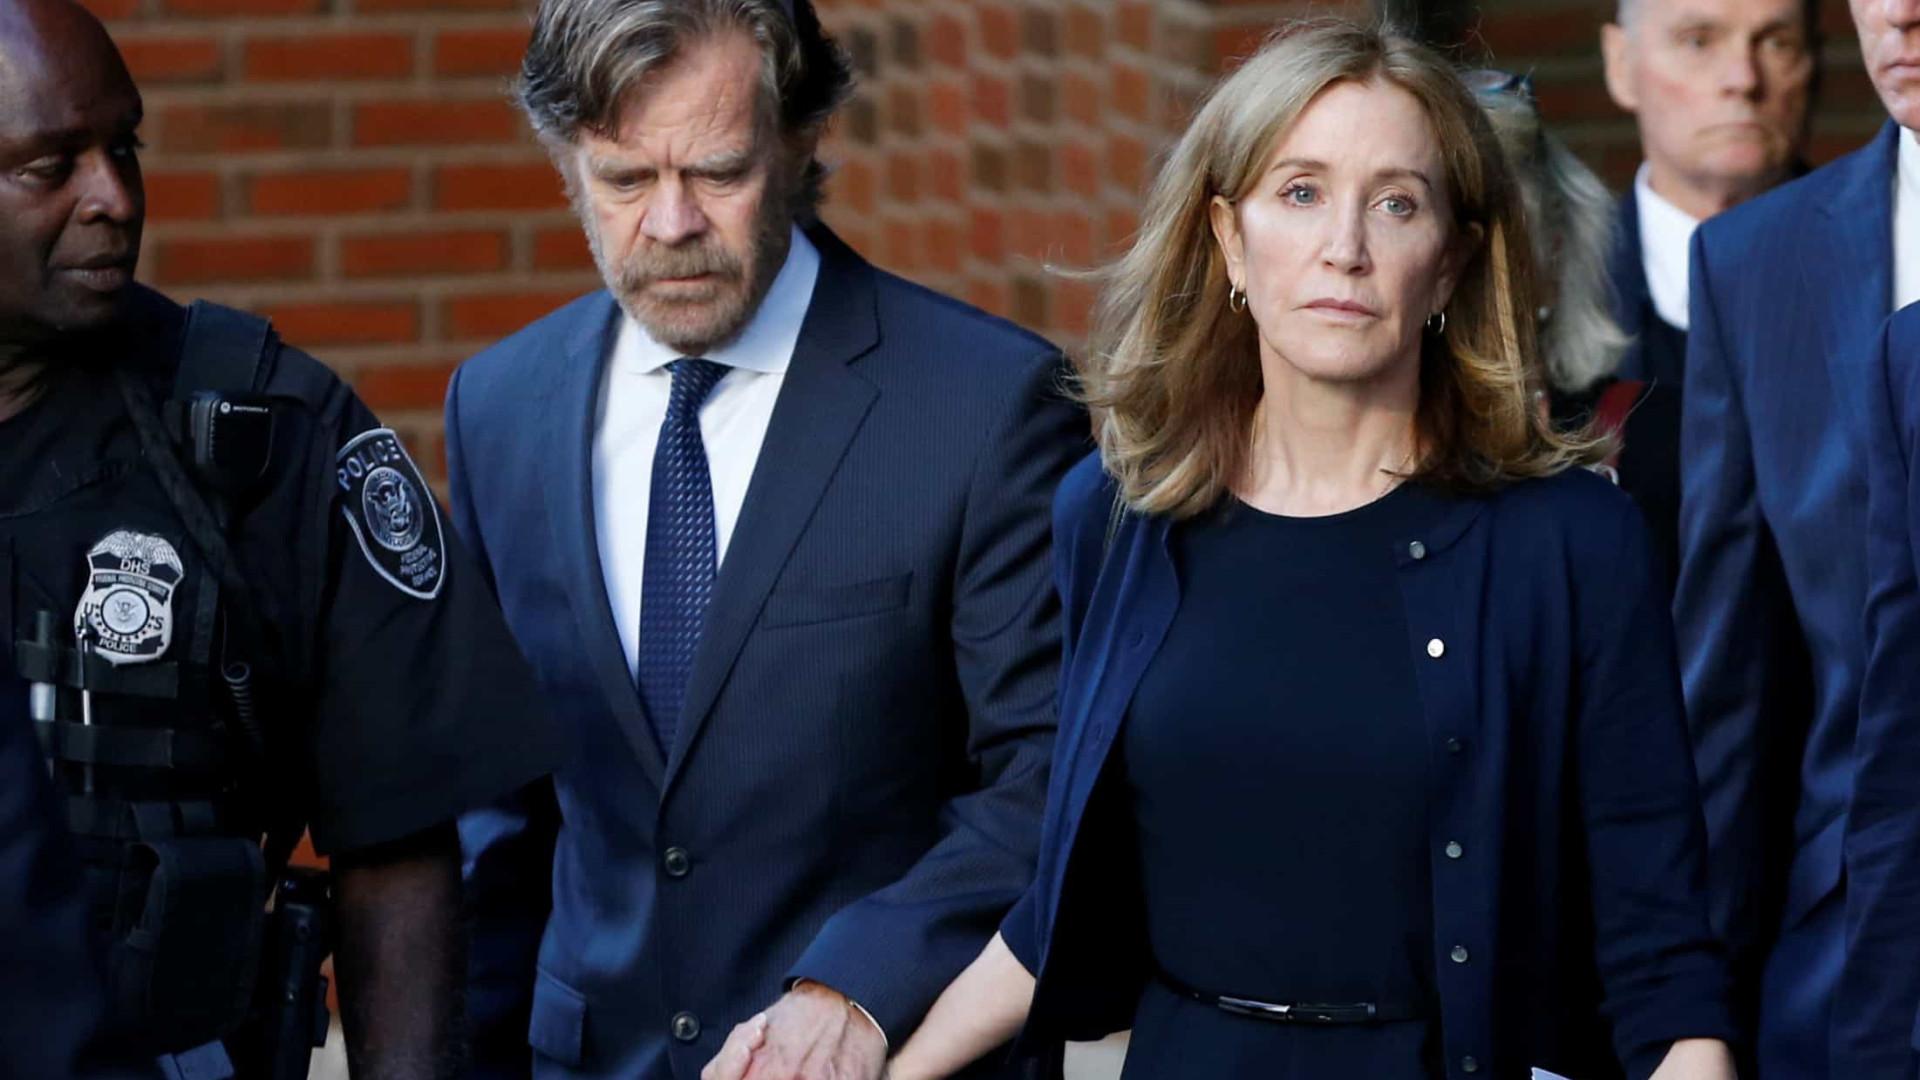 Atriz Felicity Huffman é presa após caso de fraude em vestibular